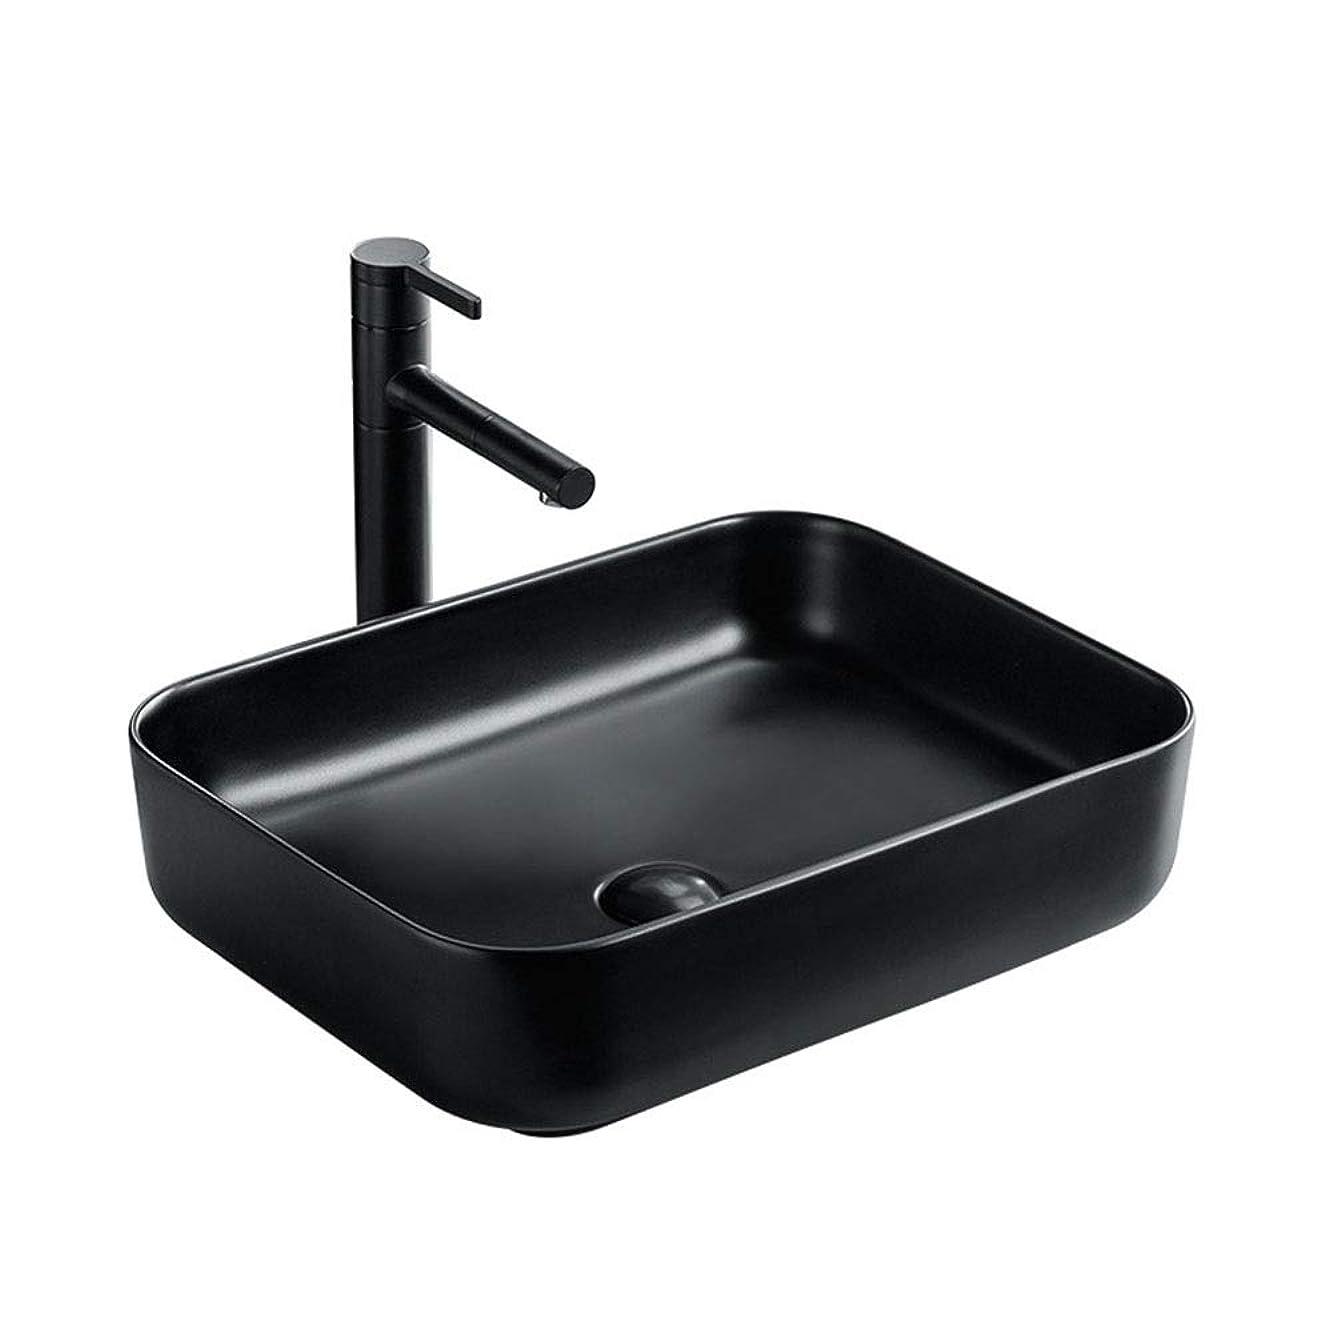 マニアック値ジョガー洗面ボウル バスルームマットブラックセラミック洗面台はホテルのトイレに適用されます 節水 室内 室外 浴室用 (Color : Black, Size : 8012(40x40x14cm))